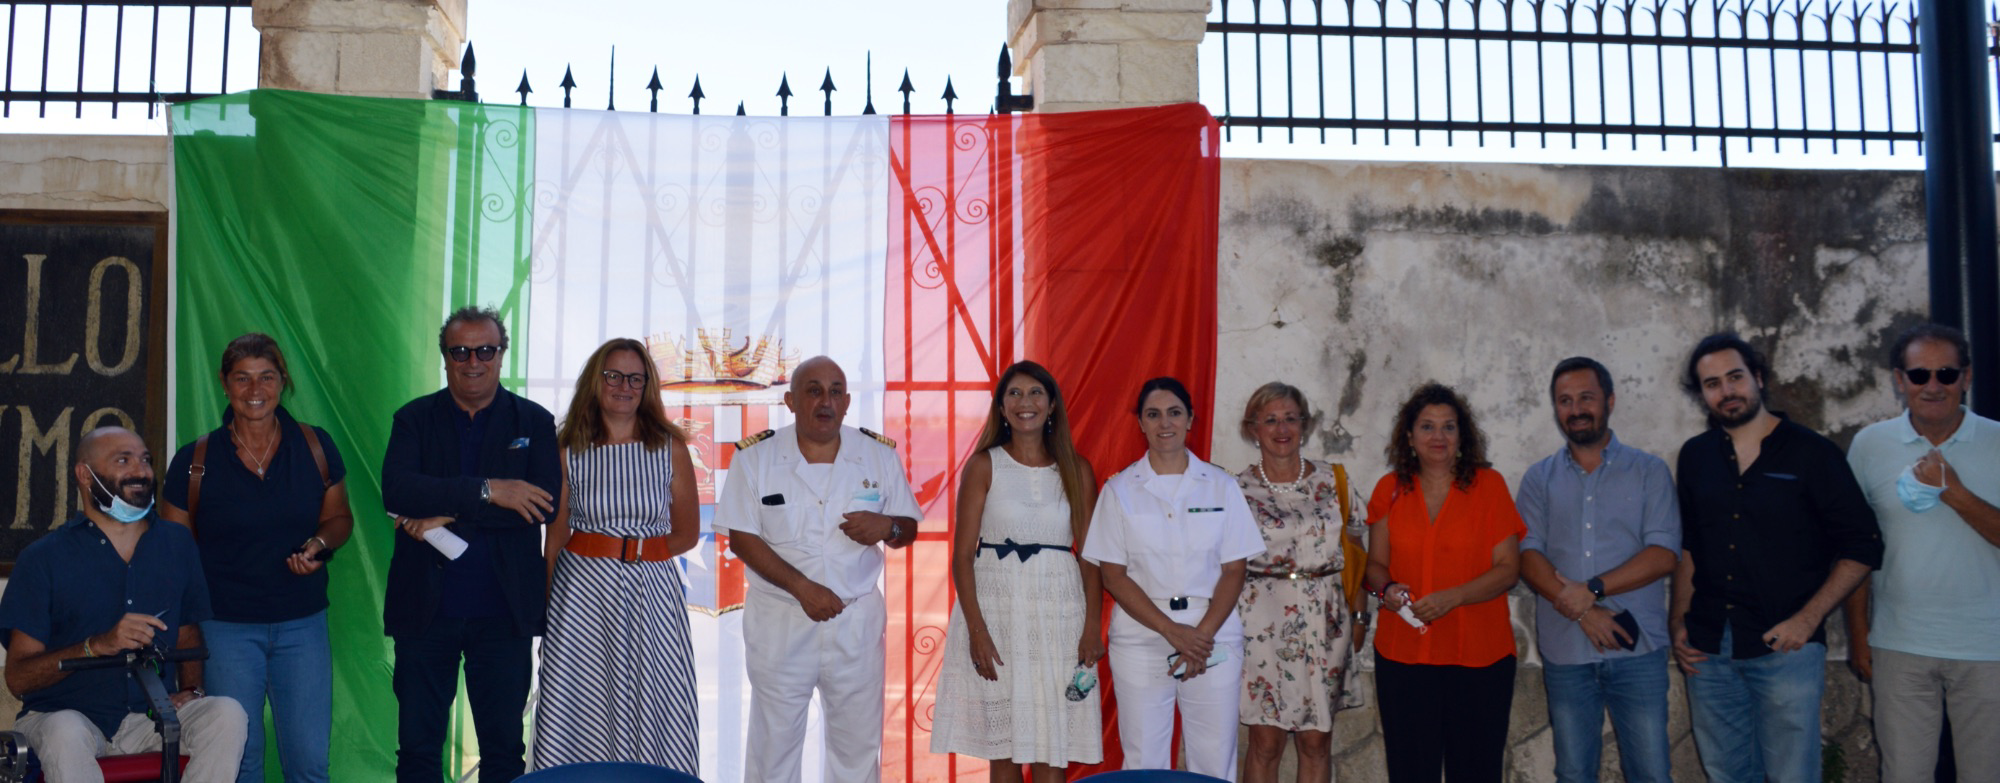 Siracusa perde una cittadina di valore: il saluto a Mariarita Sgarlata